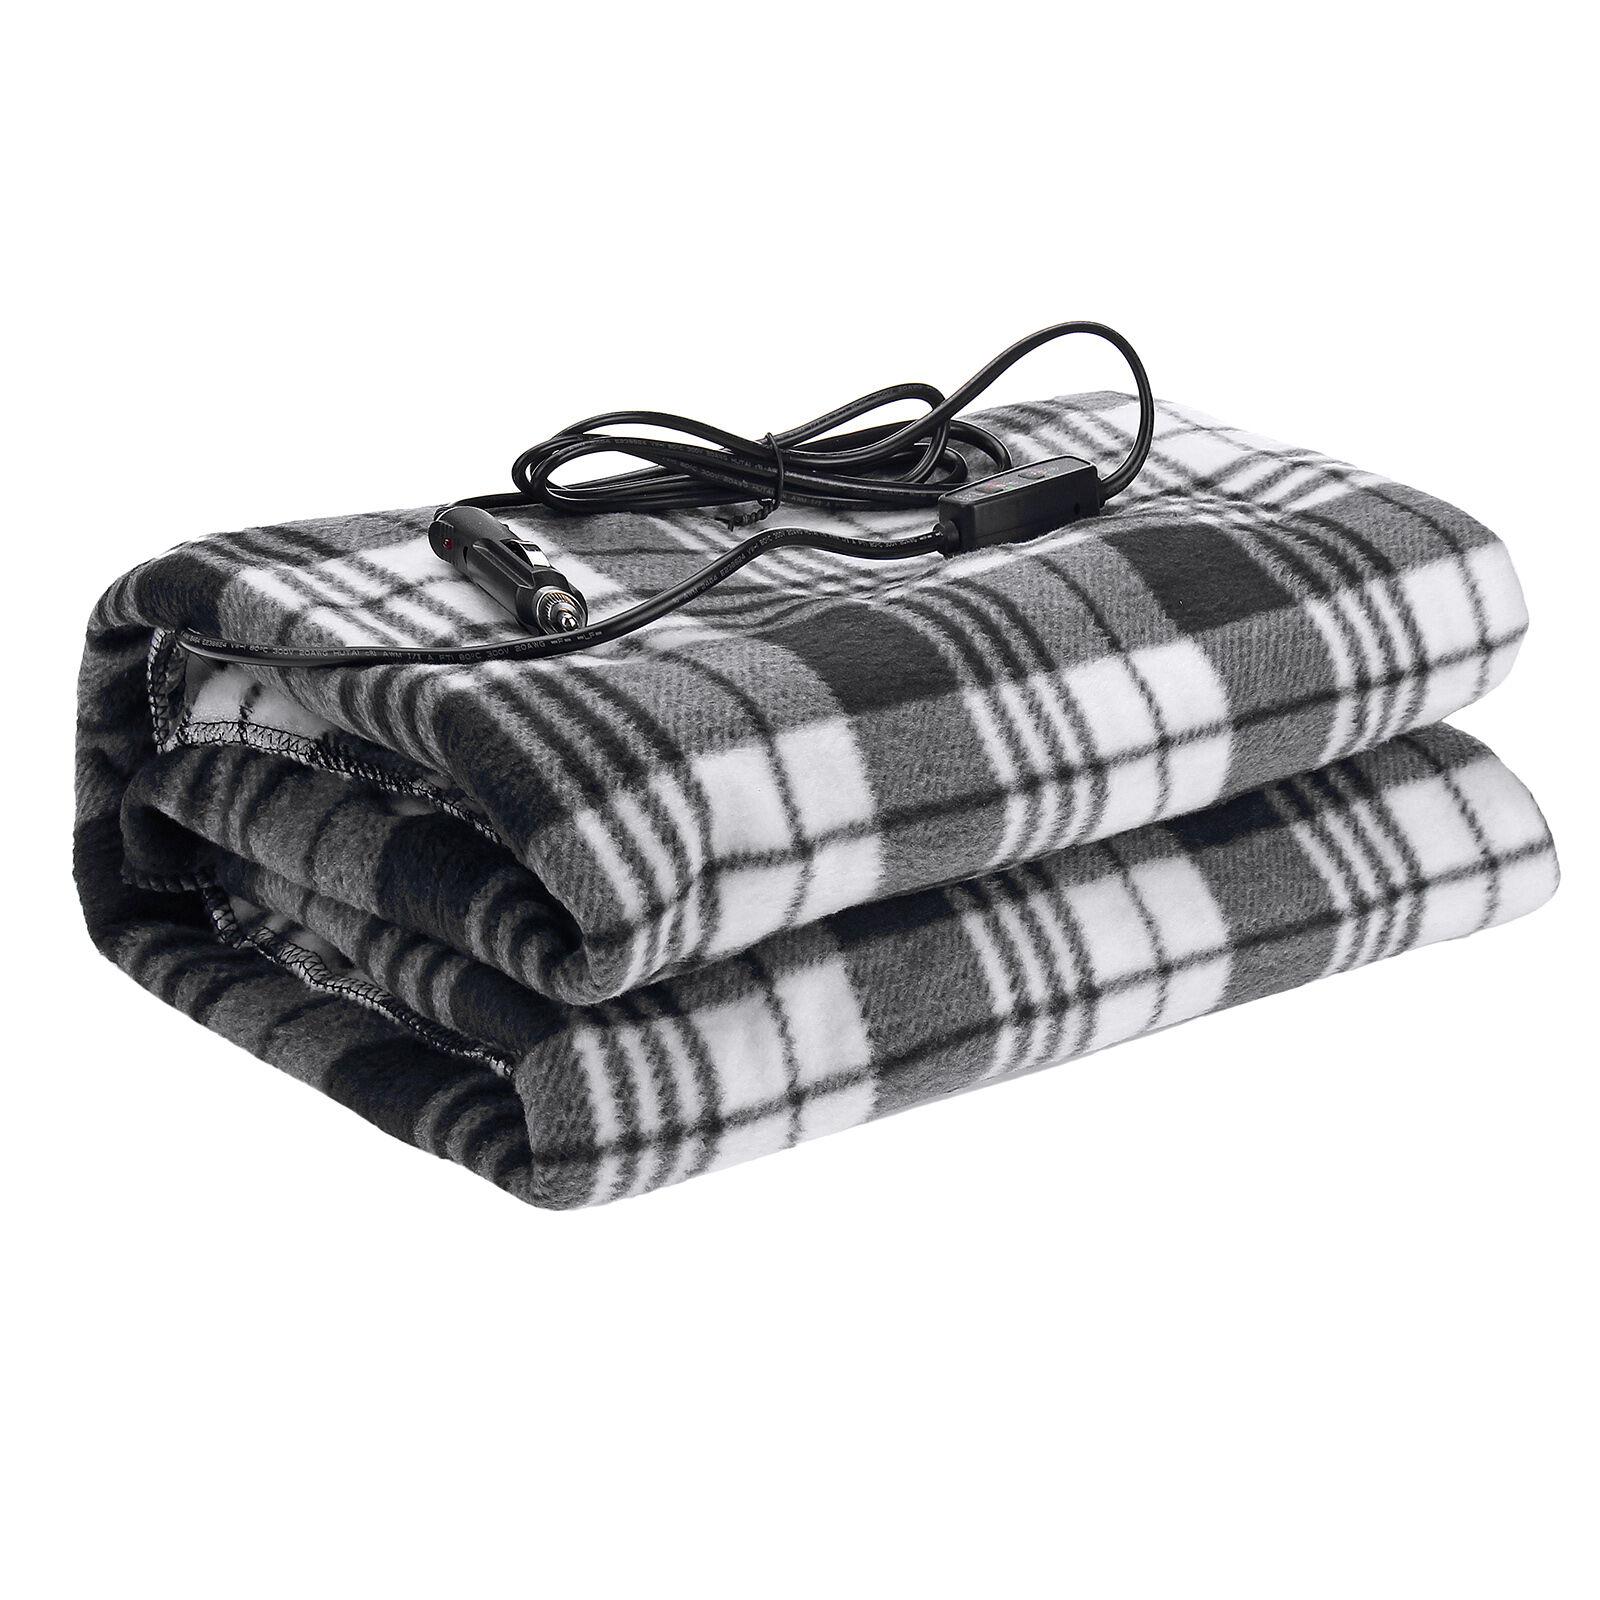 Audew12V/24V Heated Car Blanket, Polar Fleece Travel Throw for Car, Truck & RV (Black/White)